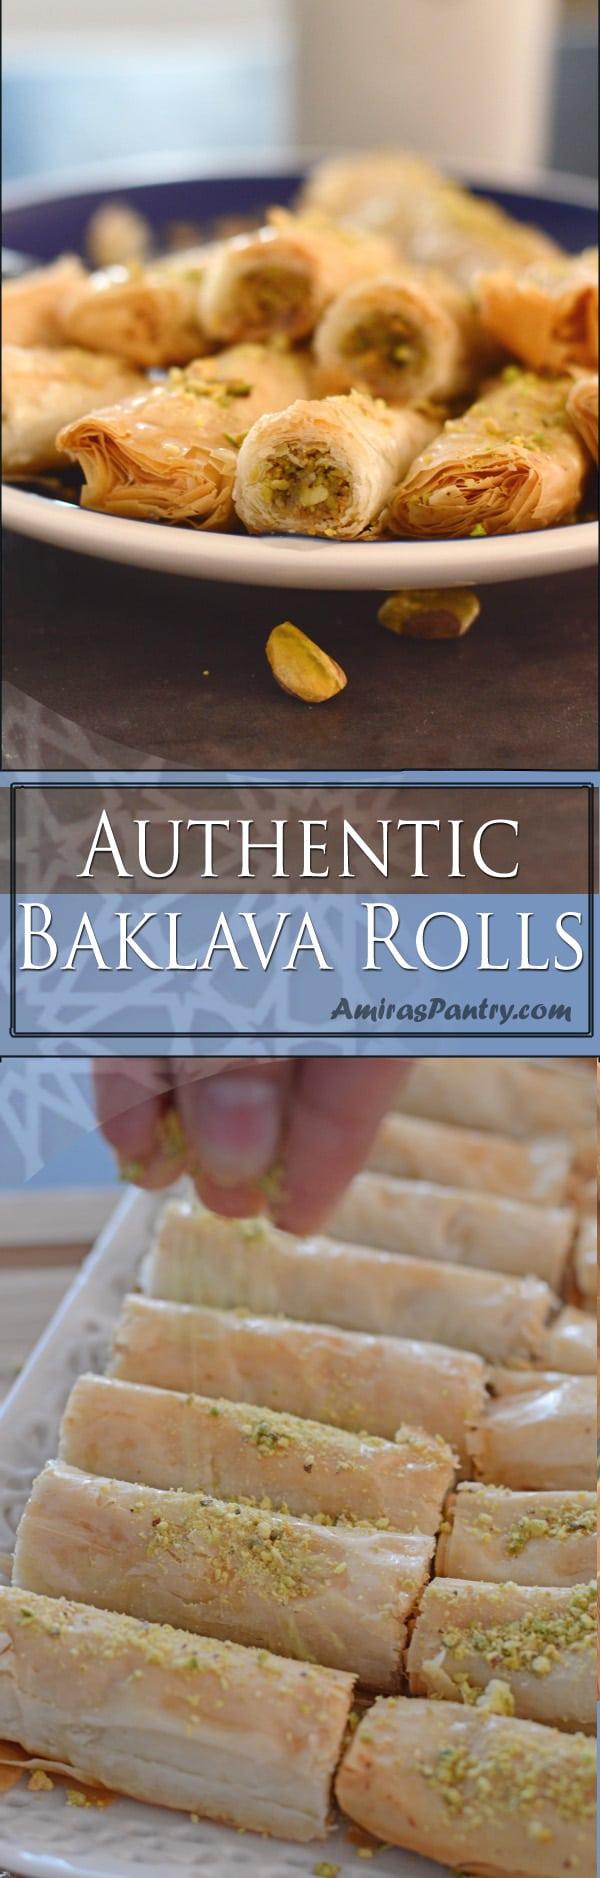 An infograph for Baklava rolls on a plate